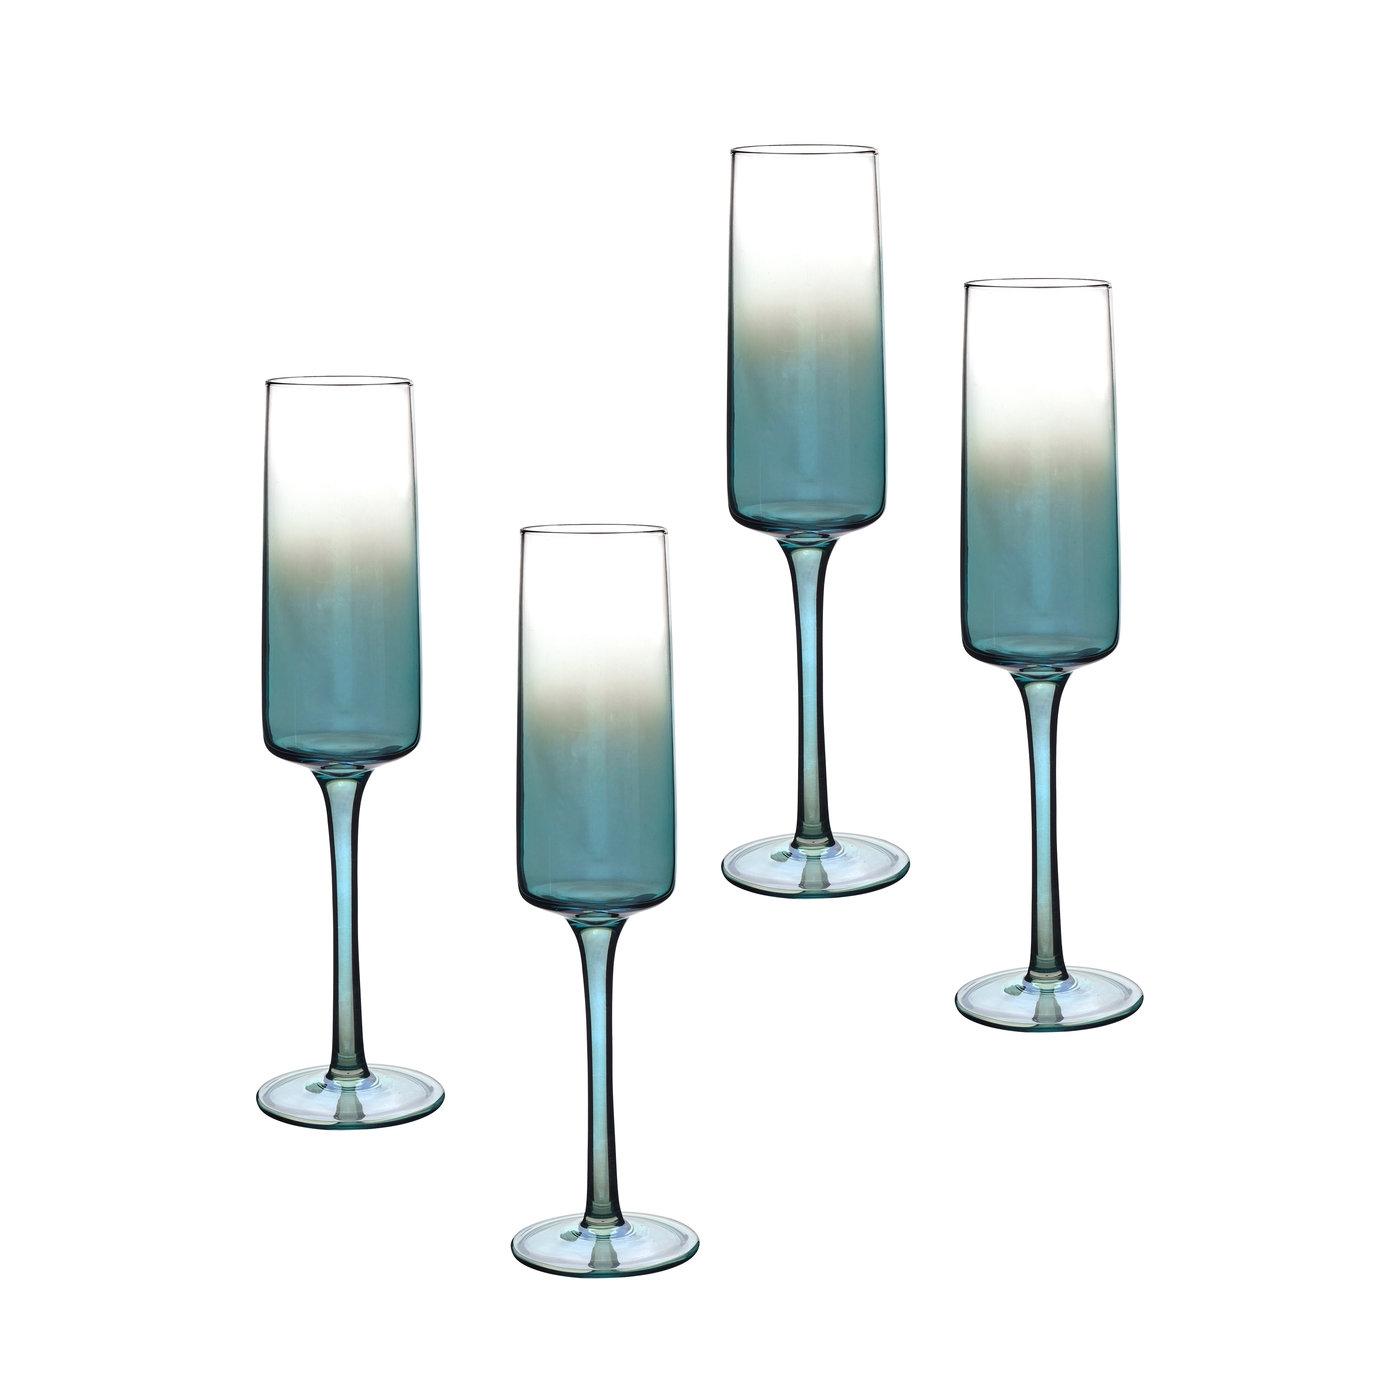 포트메리온 '아트리움' 샴페인잔 4개 세트 Portmeirion Atrium Champagne Flute Set of 4